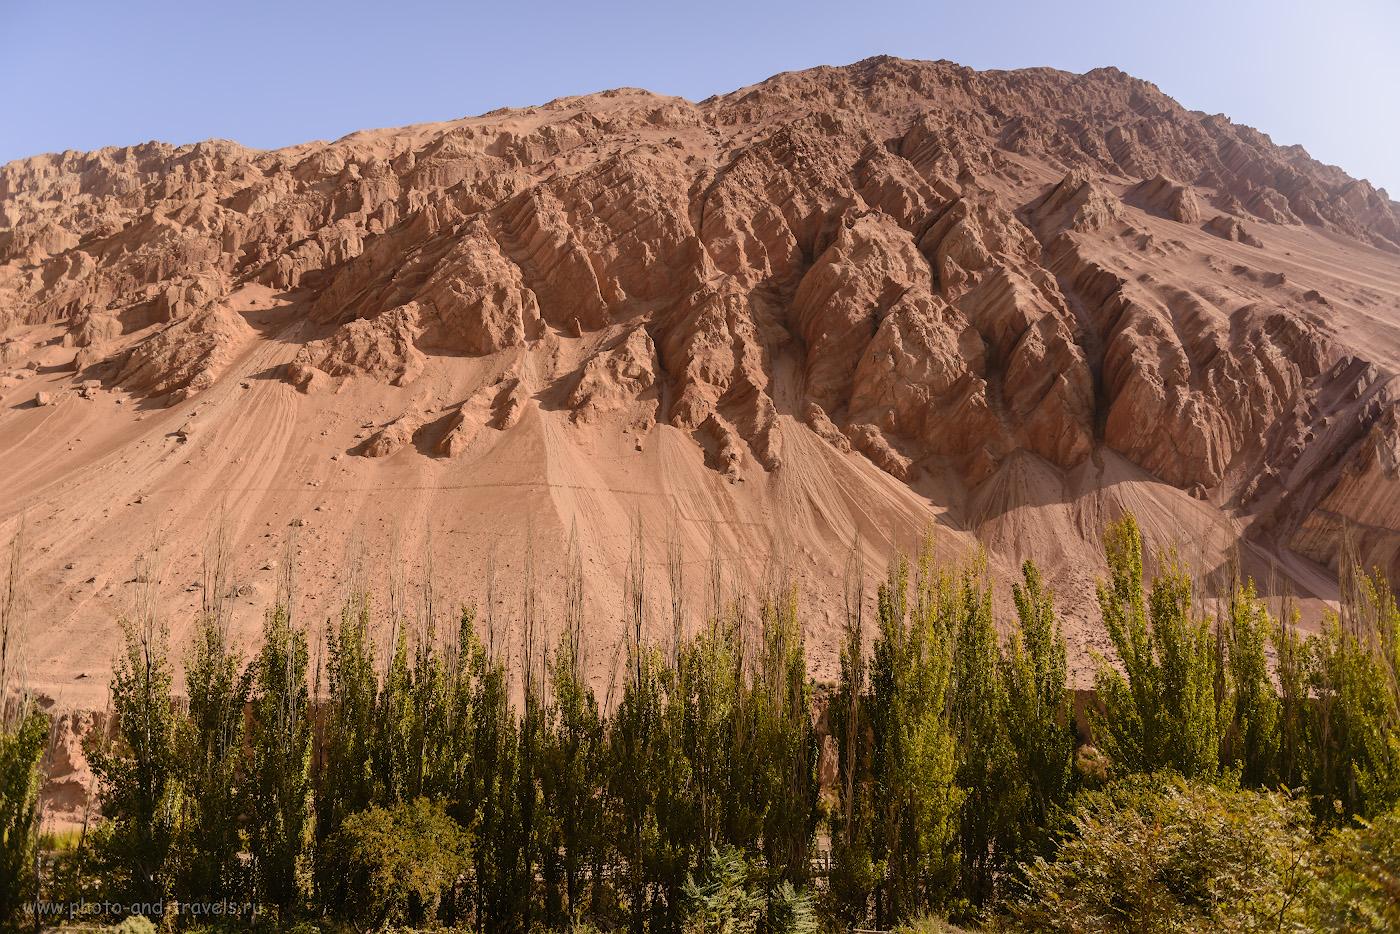 Фотография 16. Пейзажи у пещер тысячи Будд Безеклик в Турфане. Отзыв о путешествии по Китаю «дикарями». 1/4000, -1.33, 2.8, 100, 24.